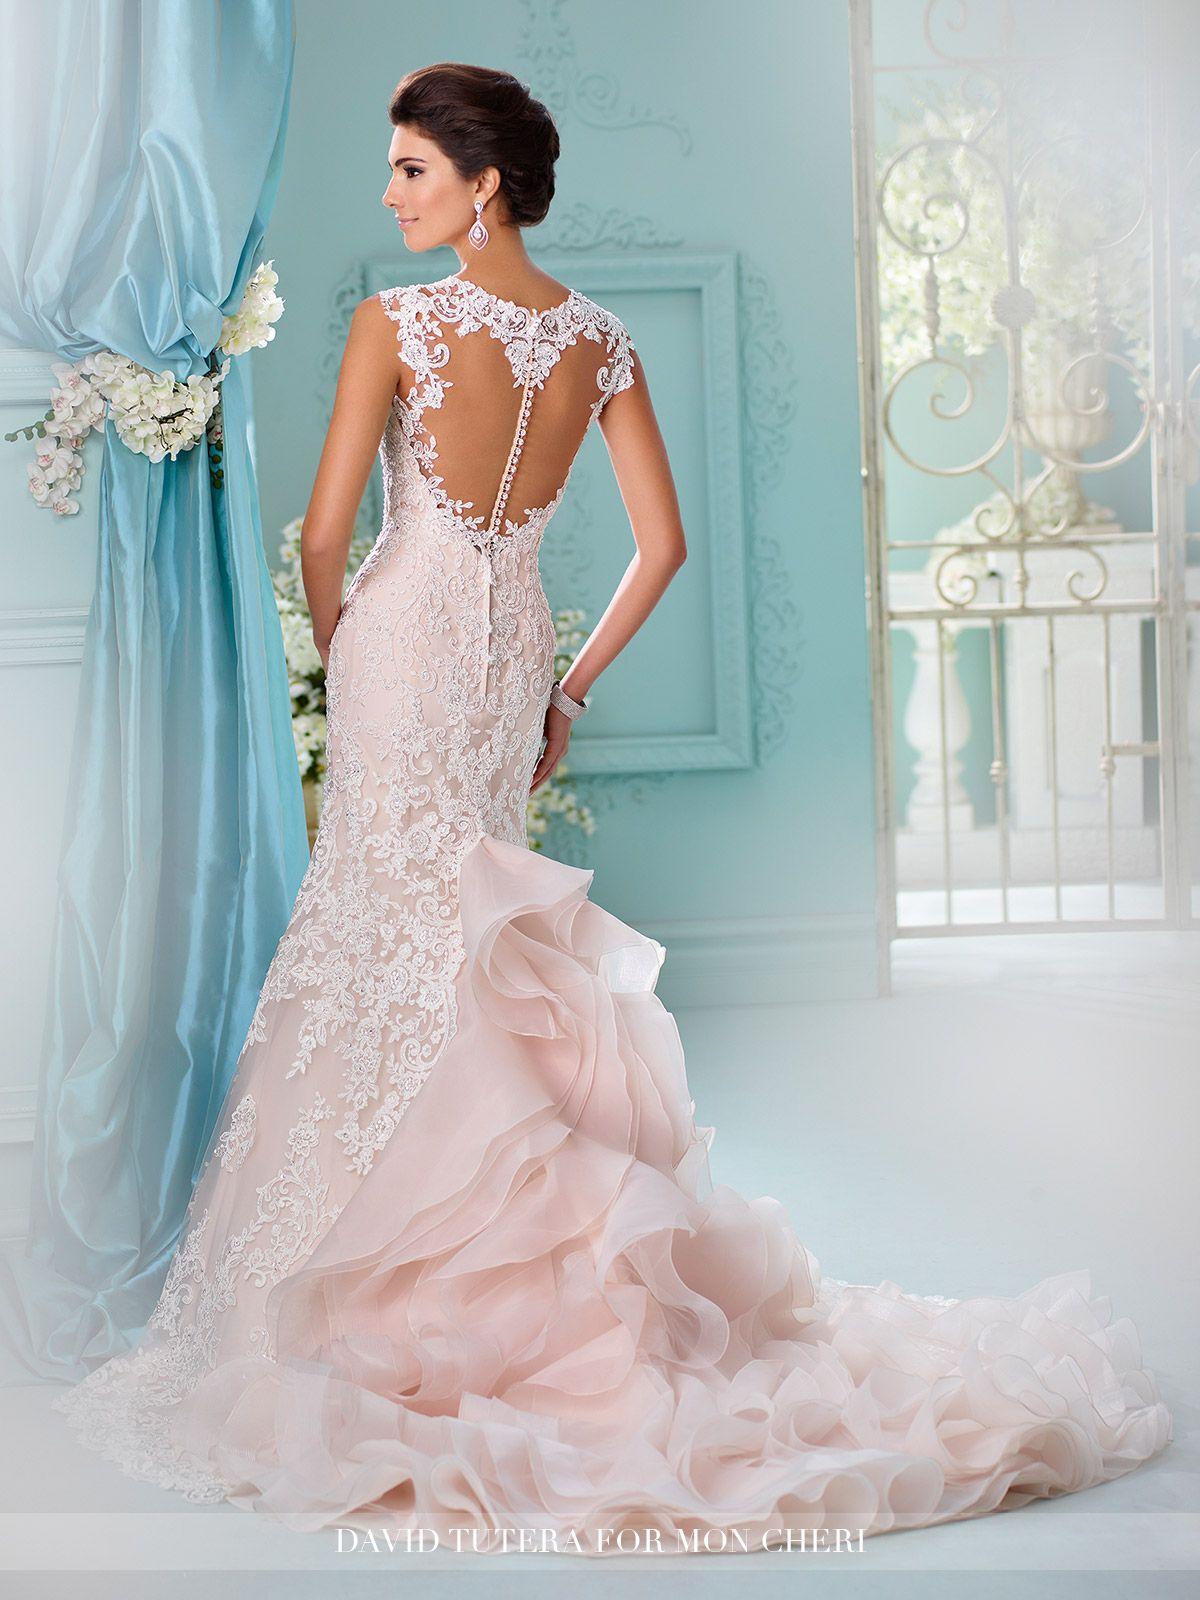 Fantastic Wedding Dress David Bridal Ornament - All Wedding Dresses ...